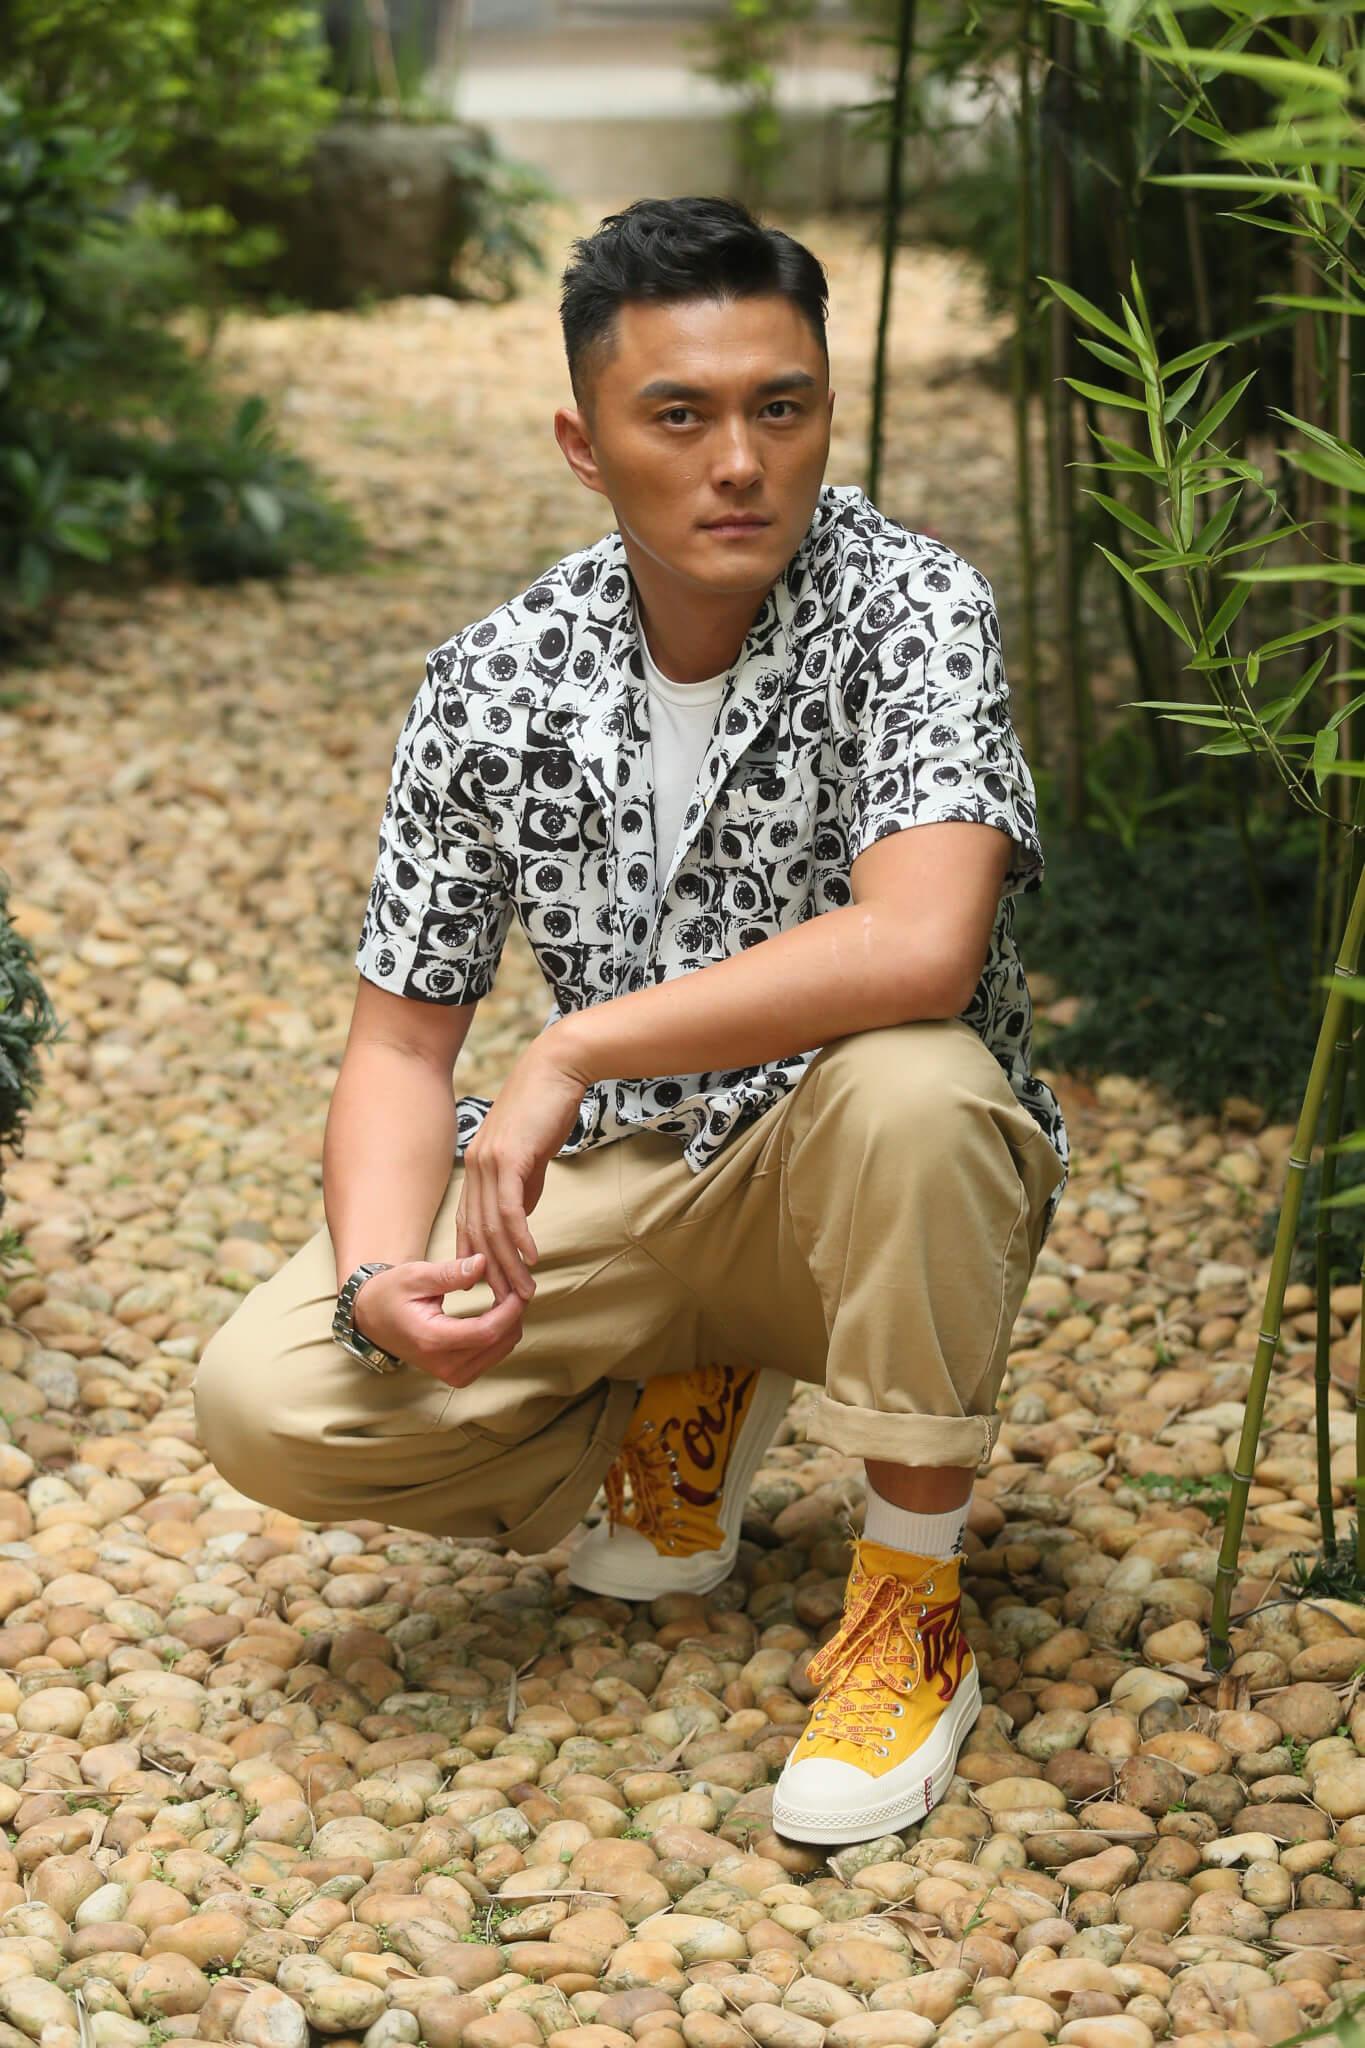 楊明慶幸生命中遇過低潮,令自己變得不一樣,現在總算是一個好人。